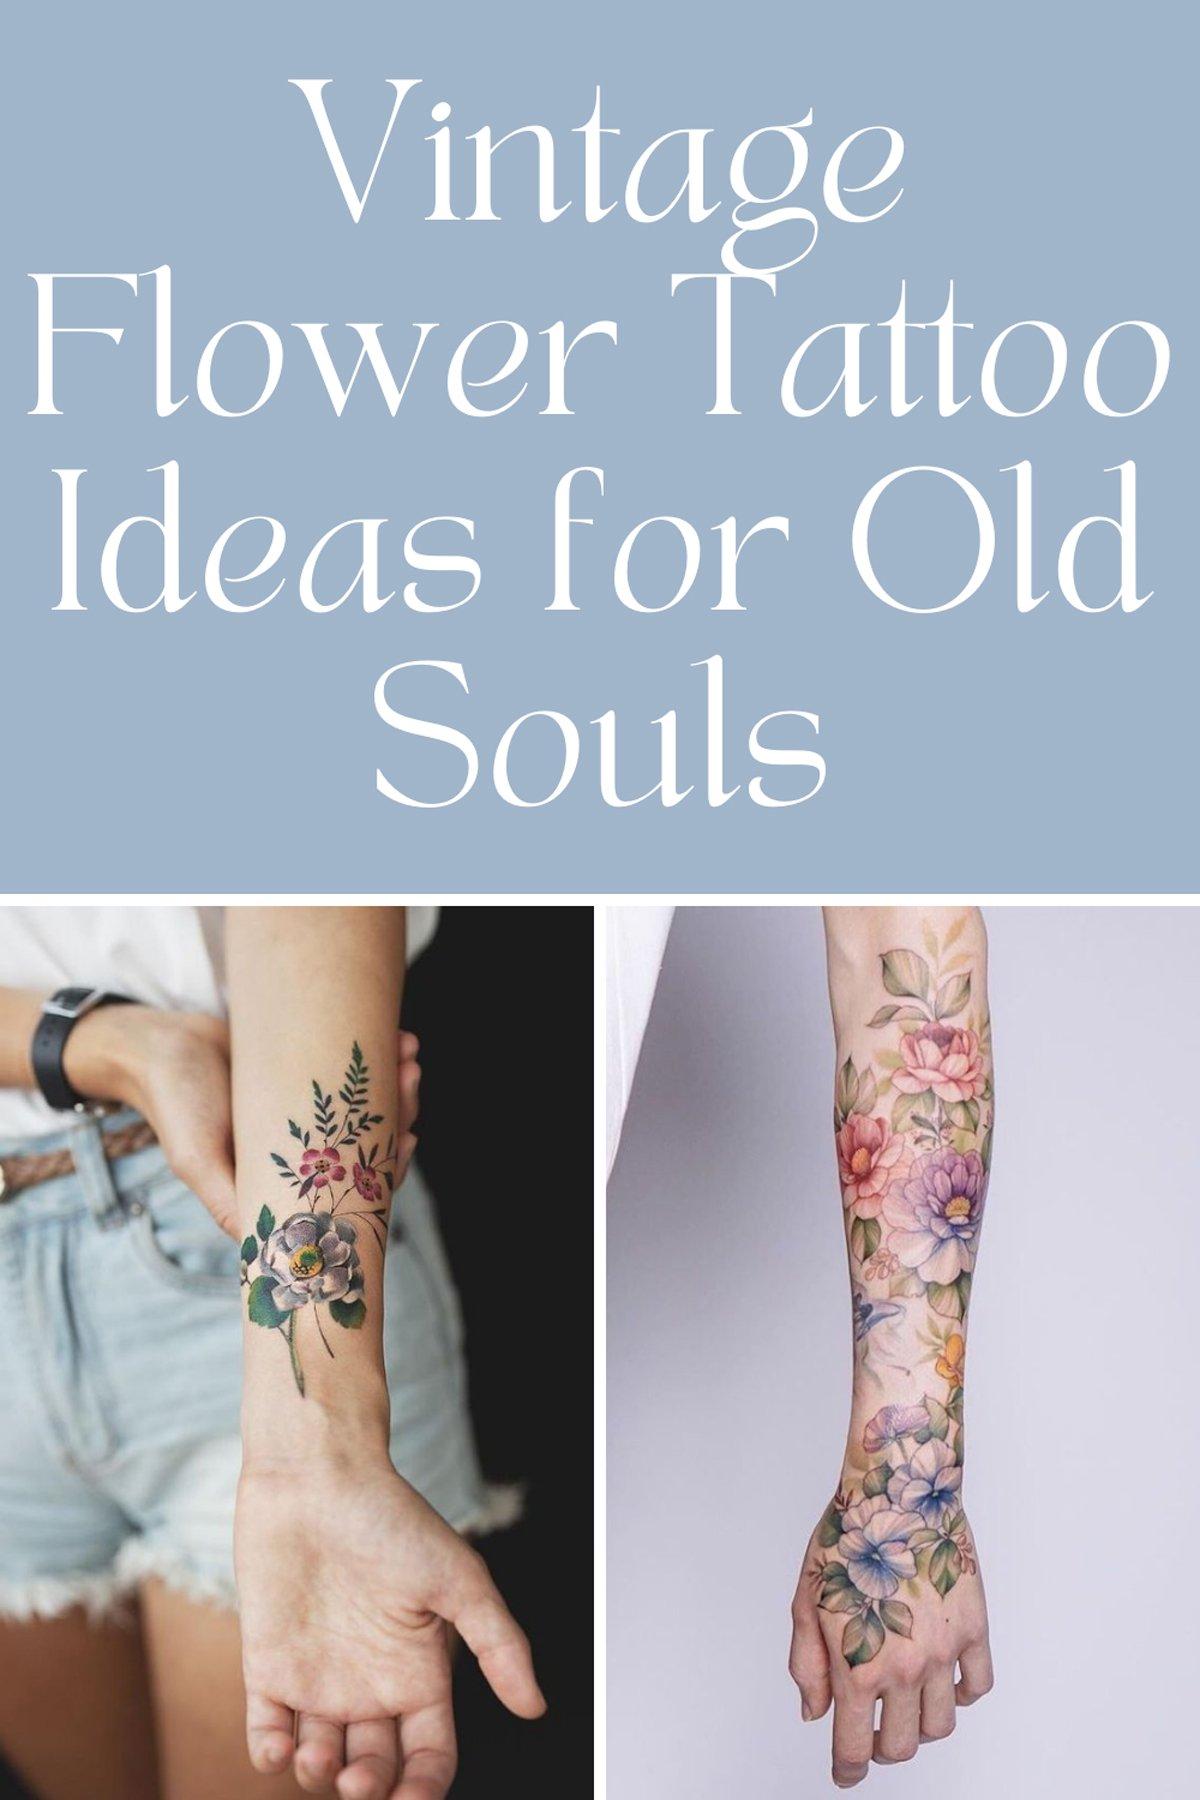 Vintage Flower Tattoos